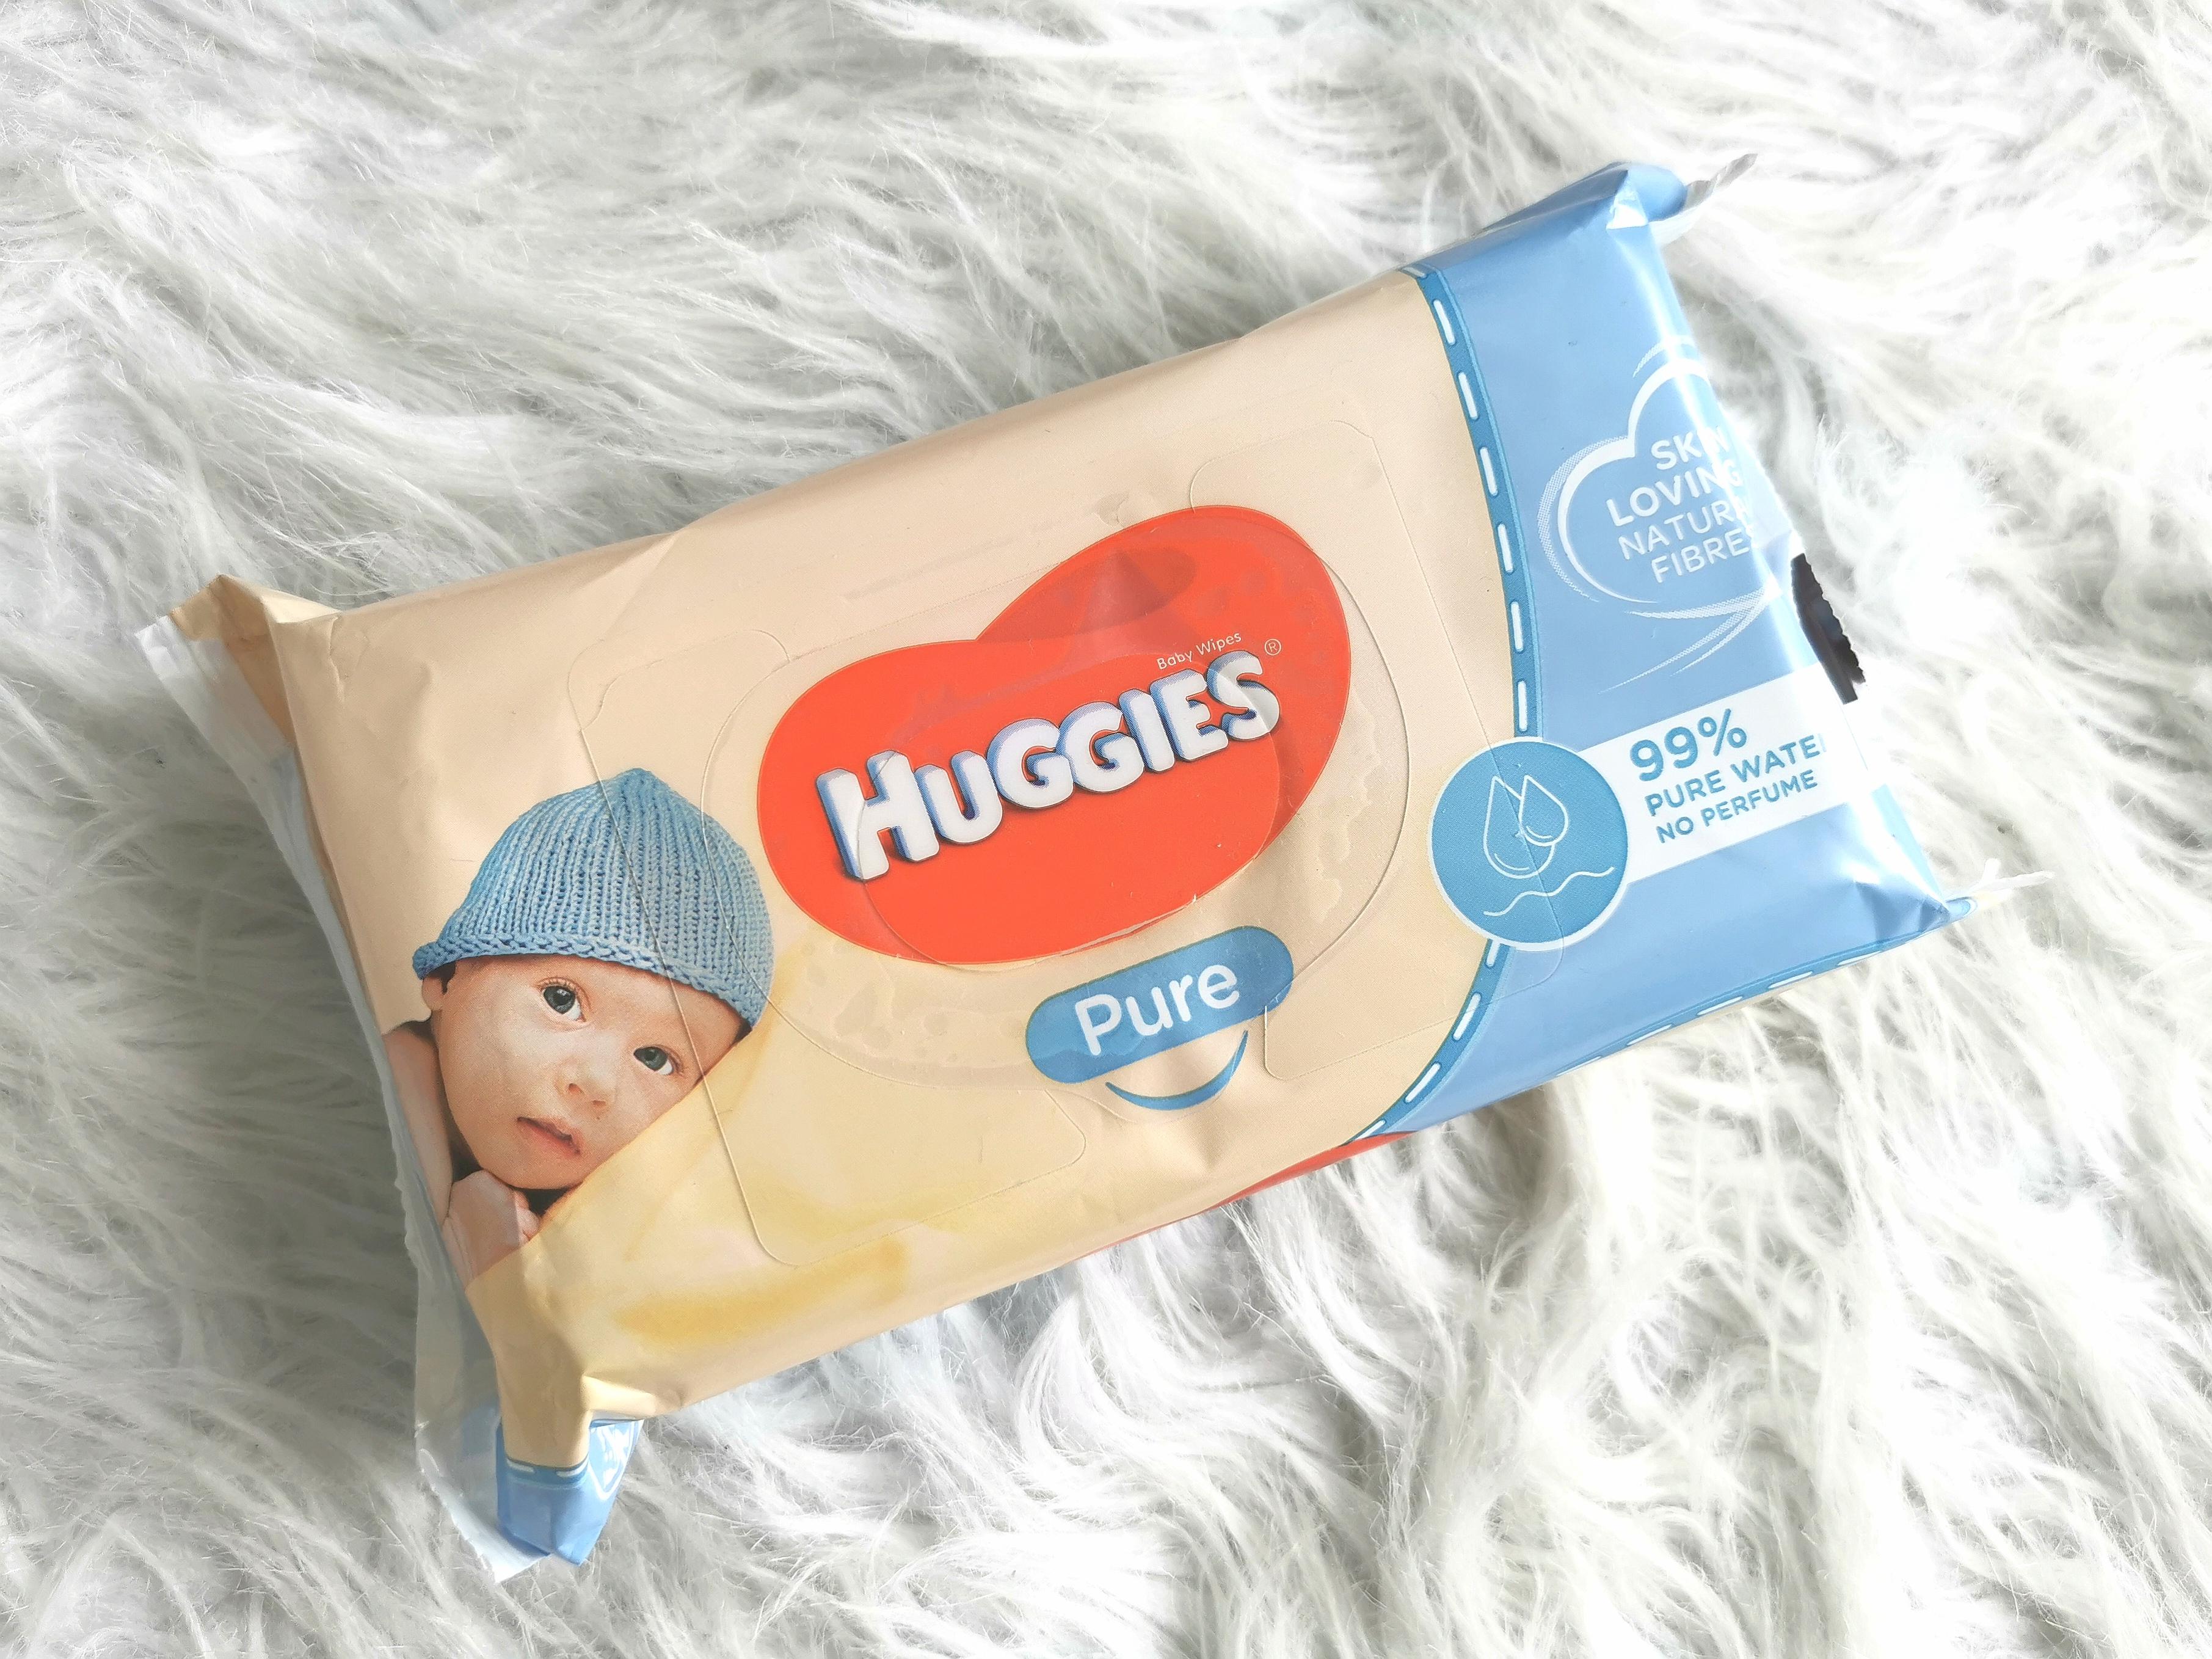 Billendoekjes test Huggies Pure